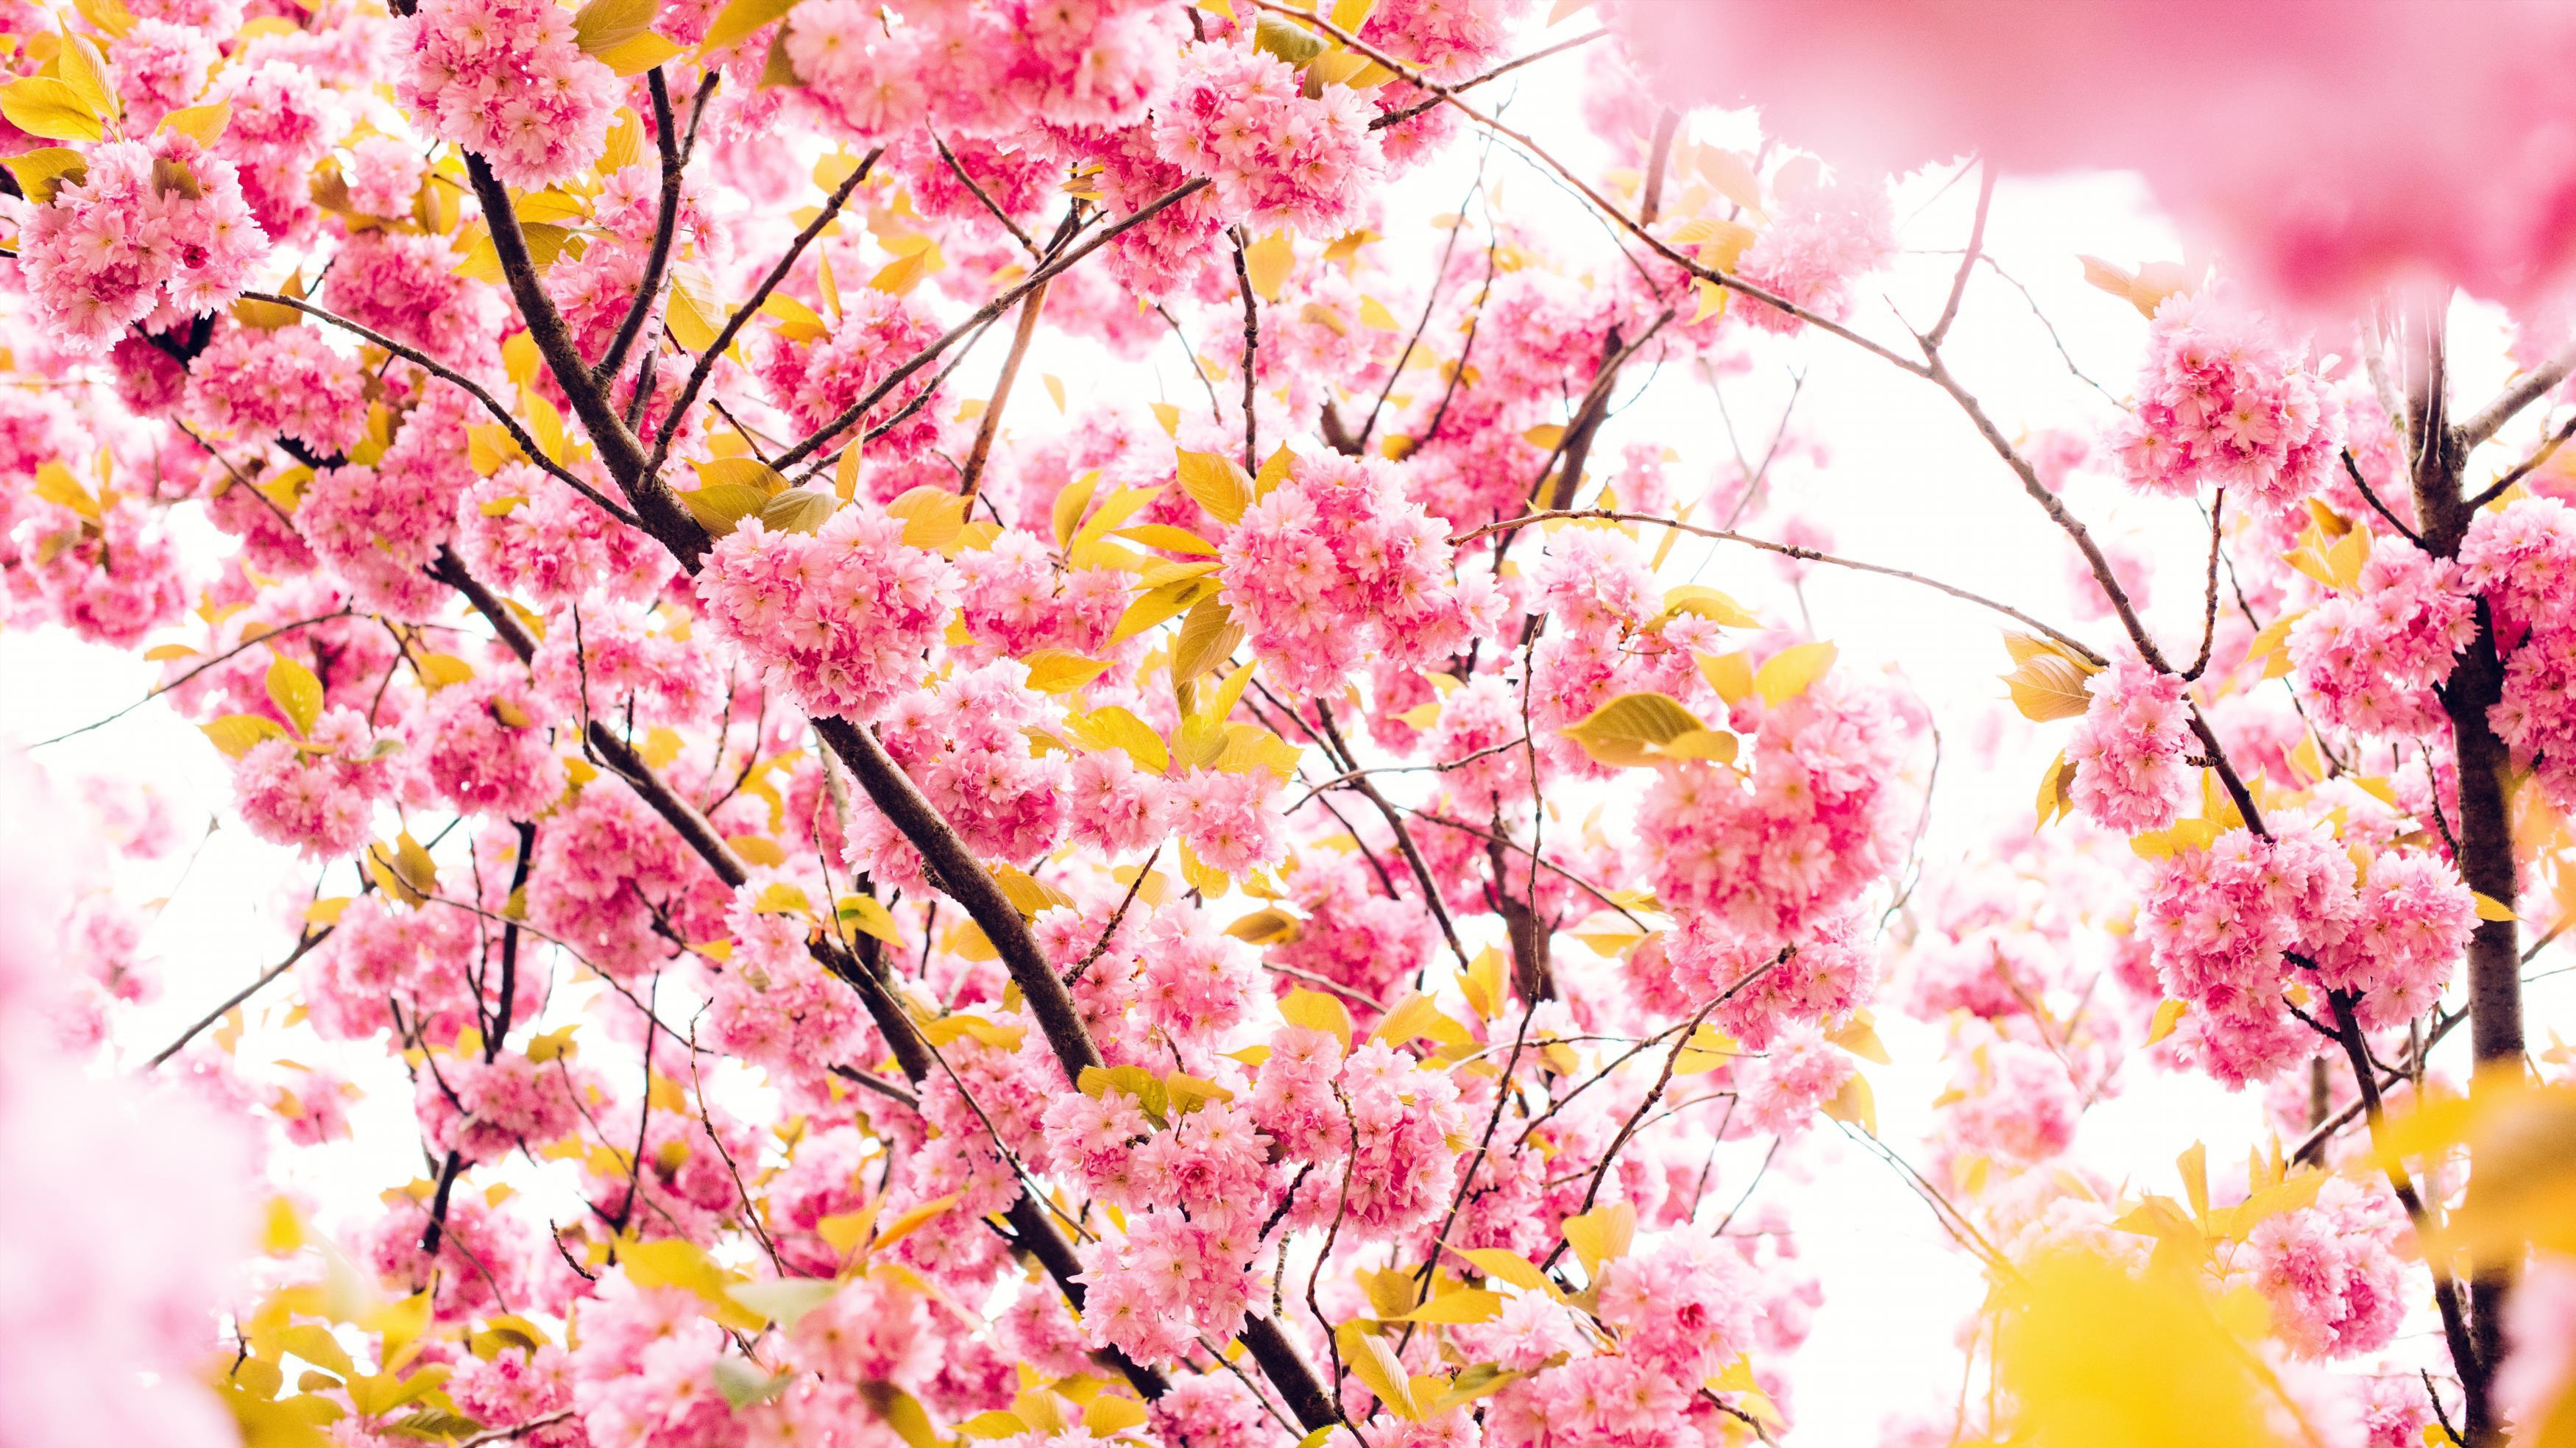 Цветы вишни 5к. обои скачать